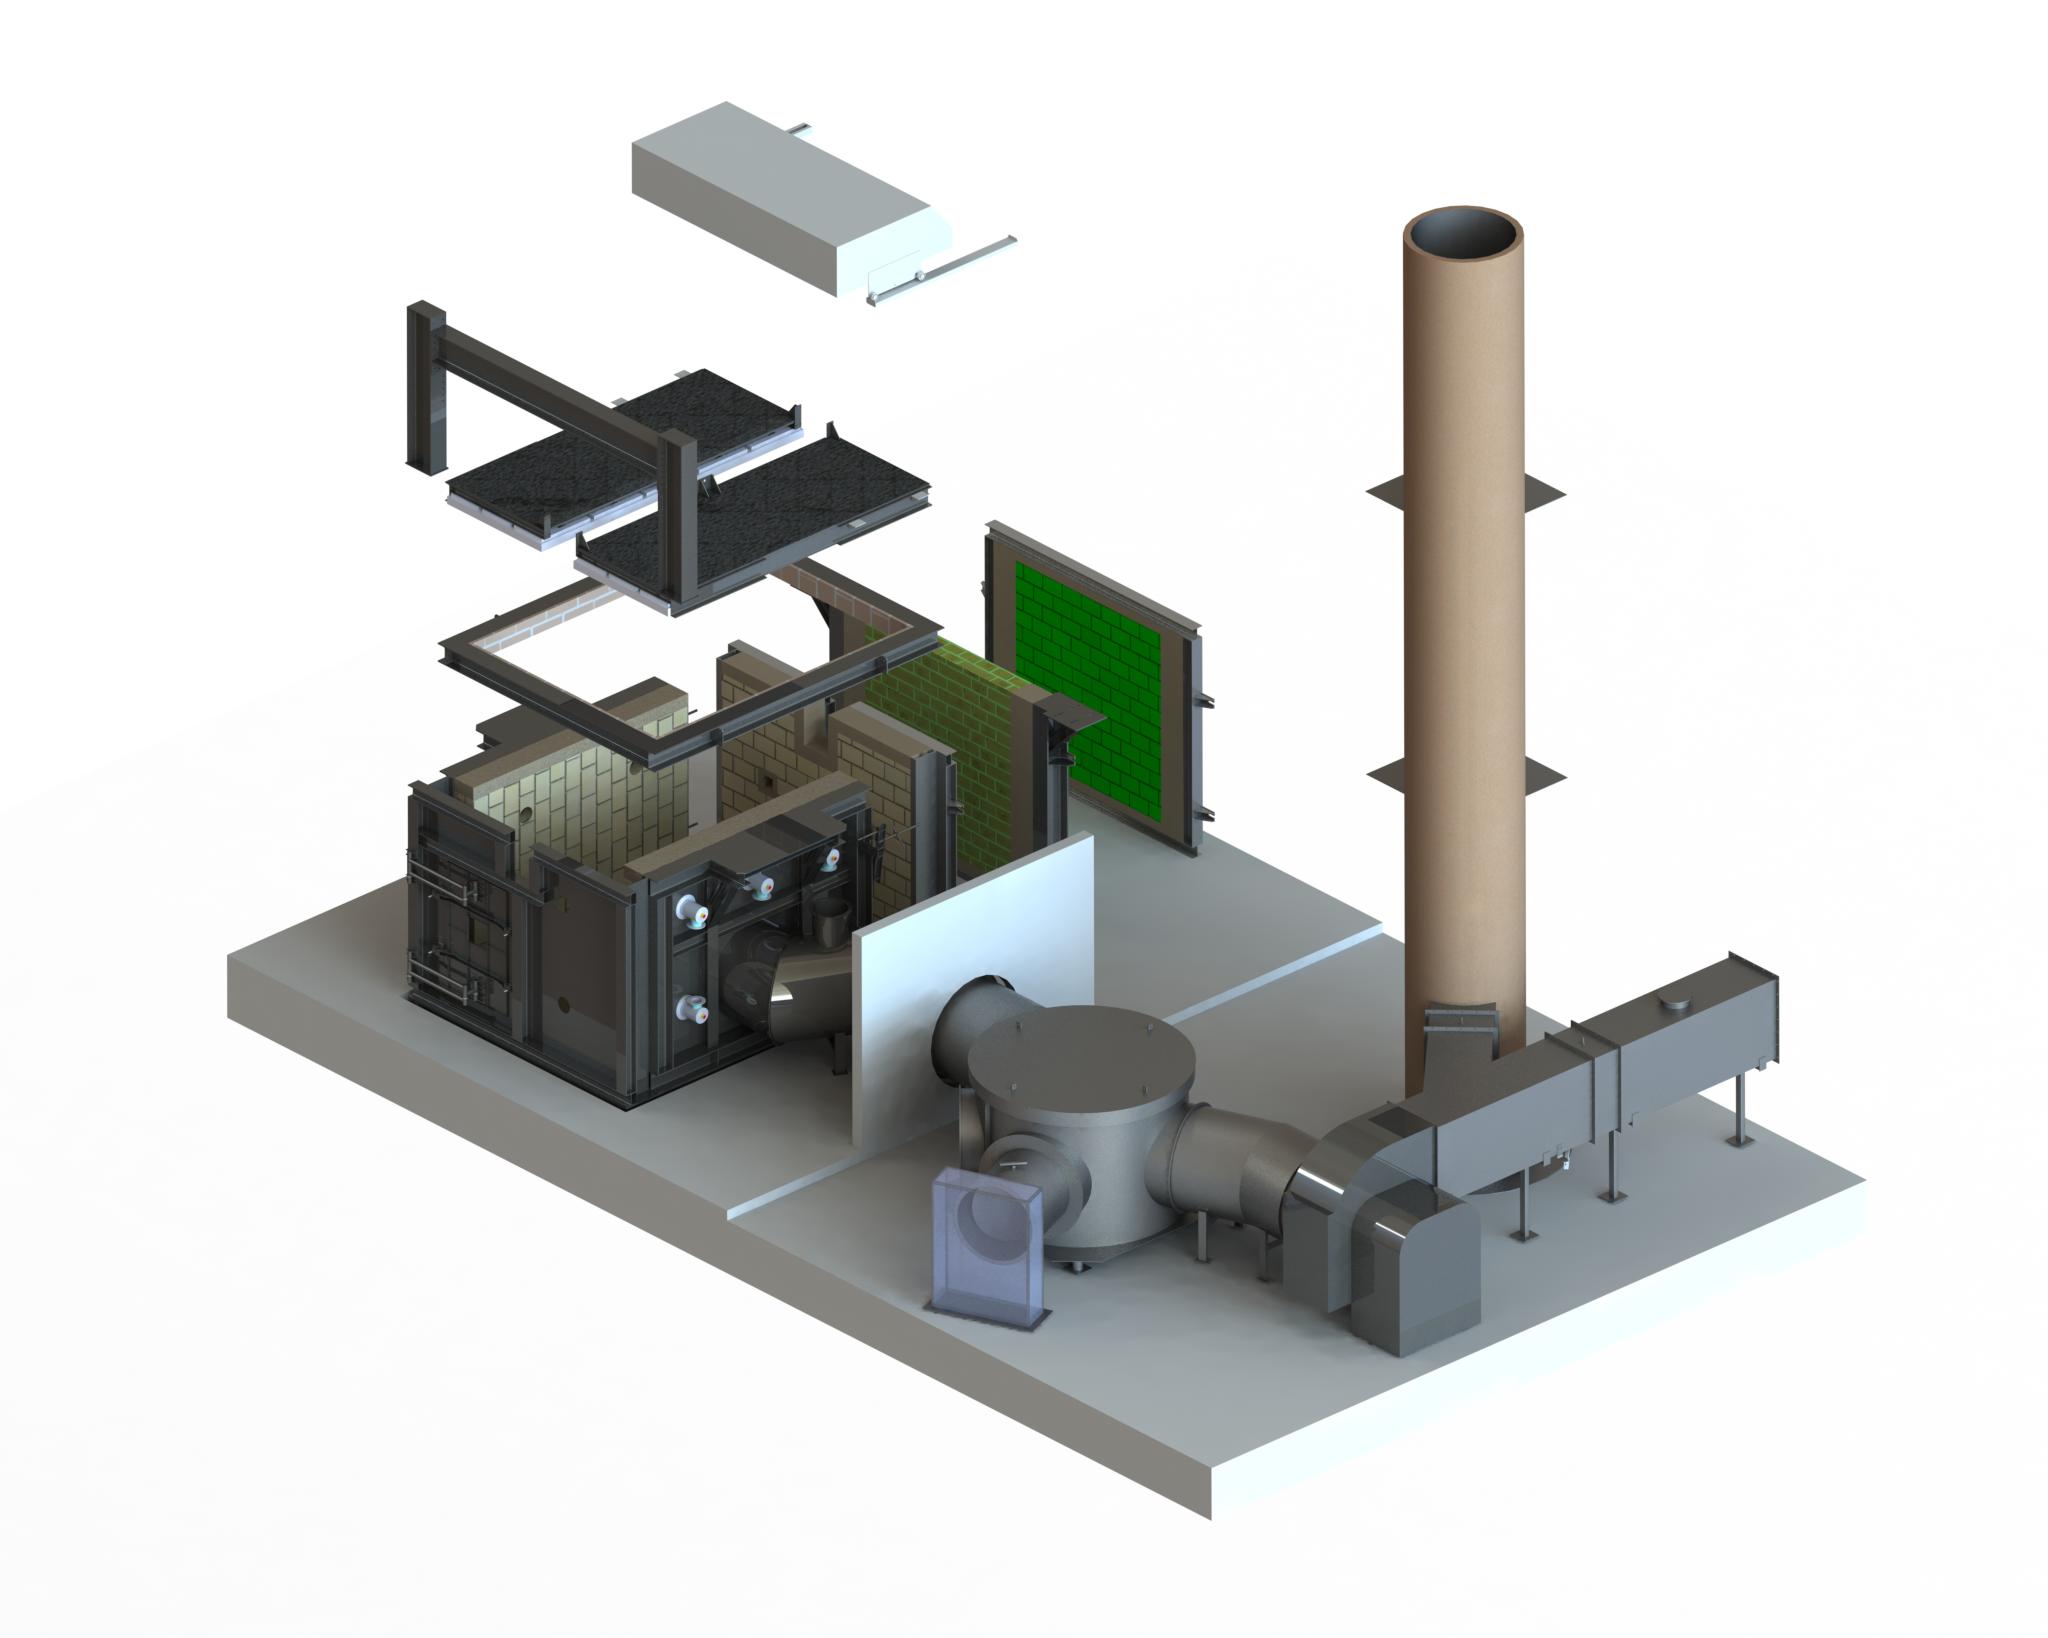 conception mécanique CAO sous Solidworks